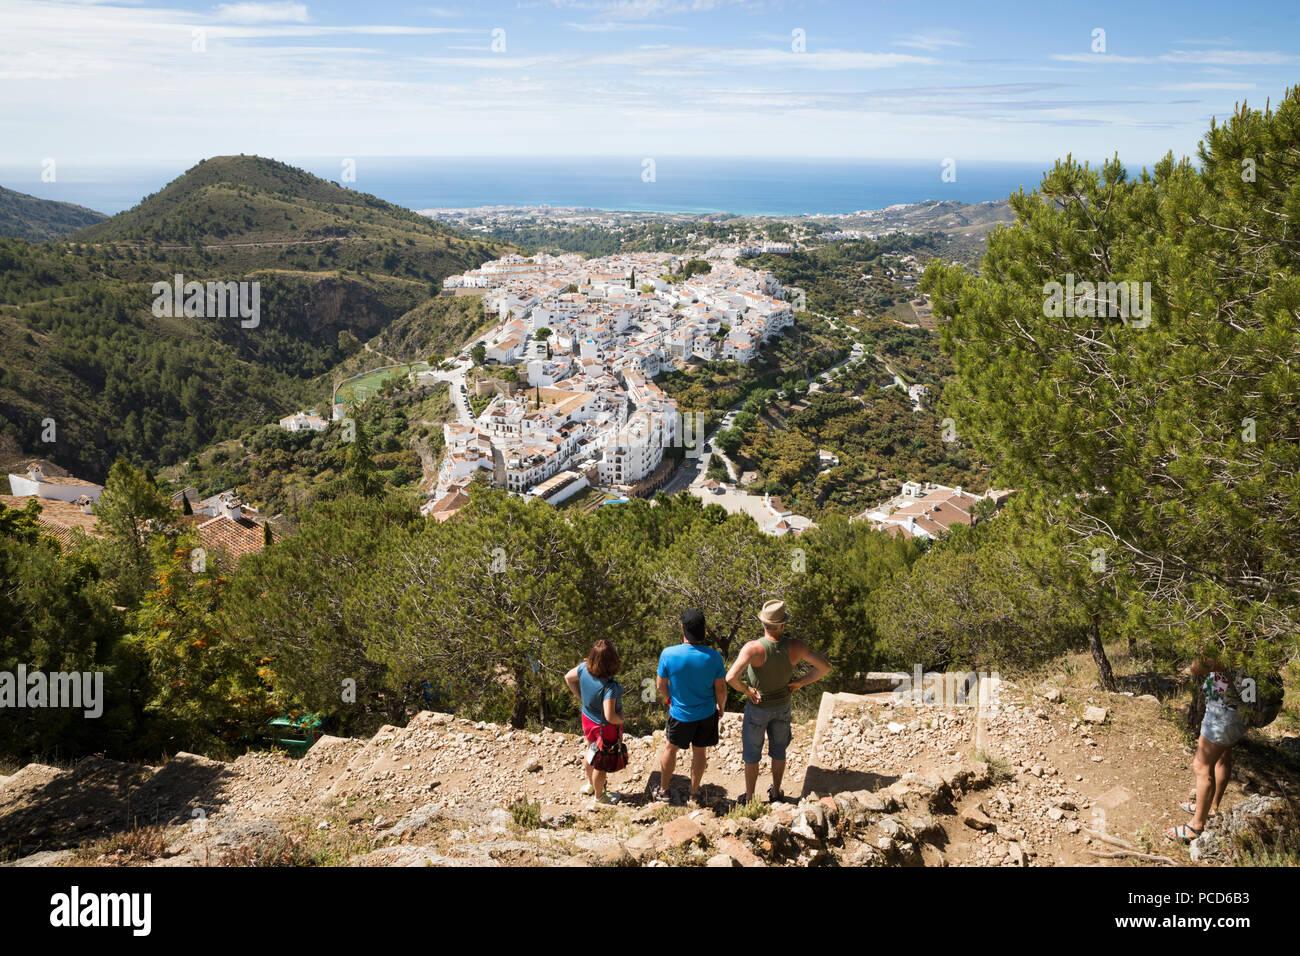 Blick auf weißen andalusischen Dorf mit Blick auf das Meer, Frigiliana, Provinz Malaga, Costa del Sol, Andalusien, Spanien, Europa Stockbild